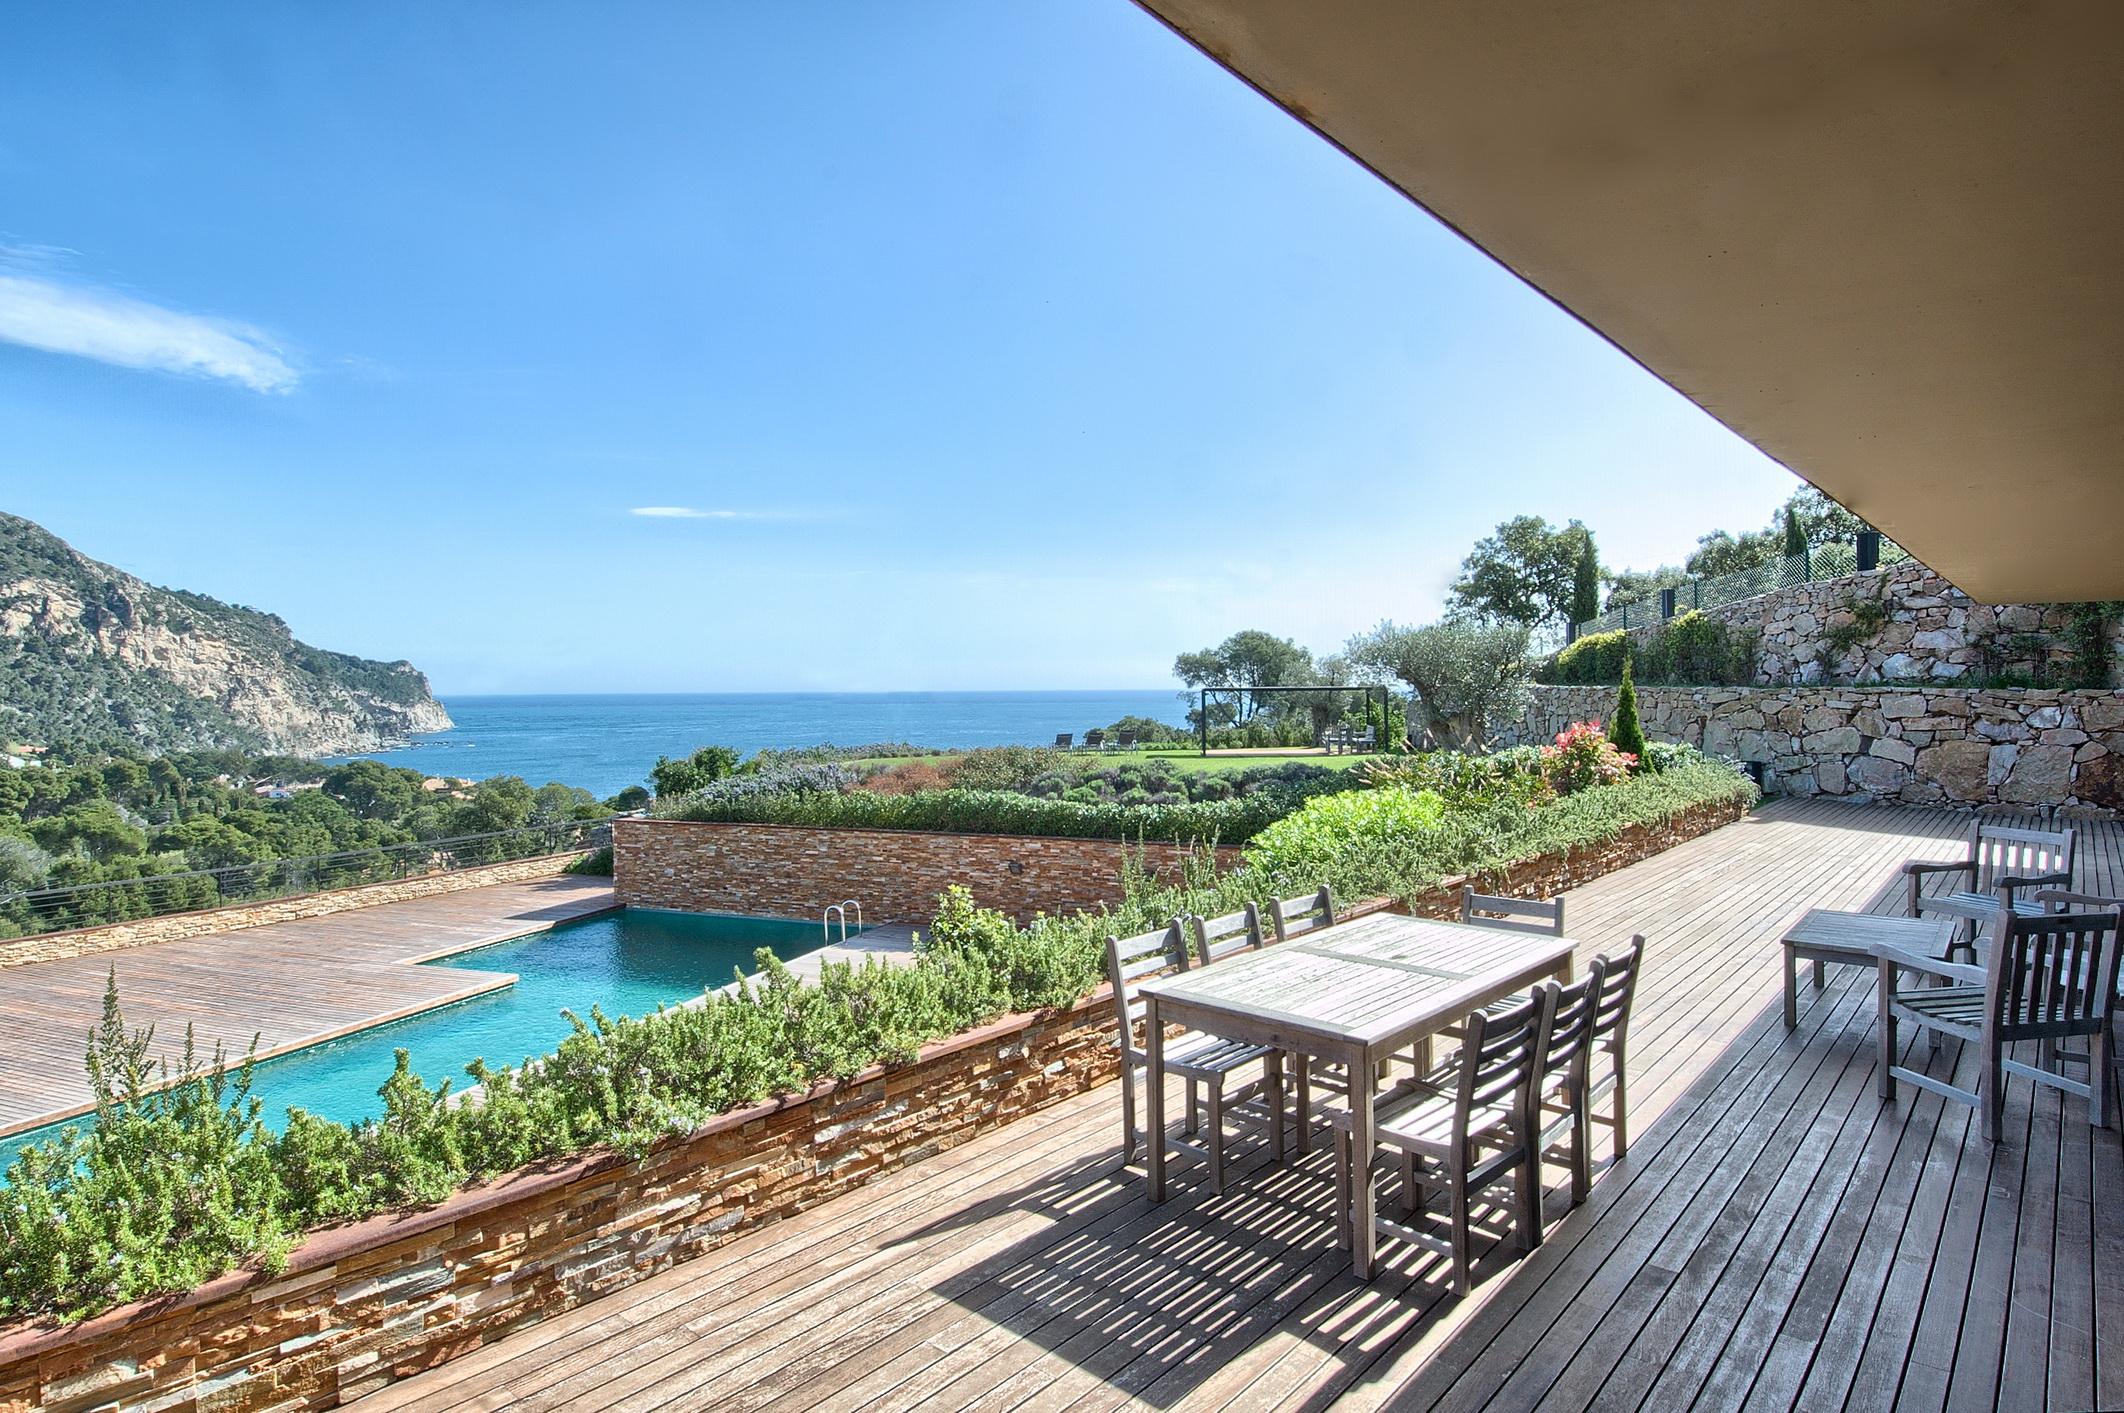 Căn hộ vì Bán tại Excepcional Apartments for sale close to Aiguablava with sea views Begur, Costa Brava, 17255 Tây Ban Nha